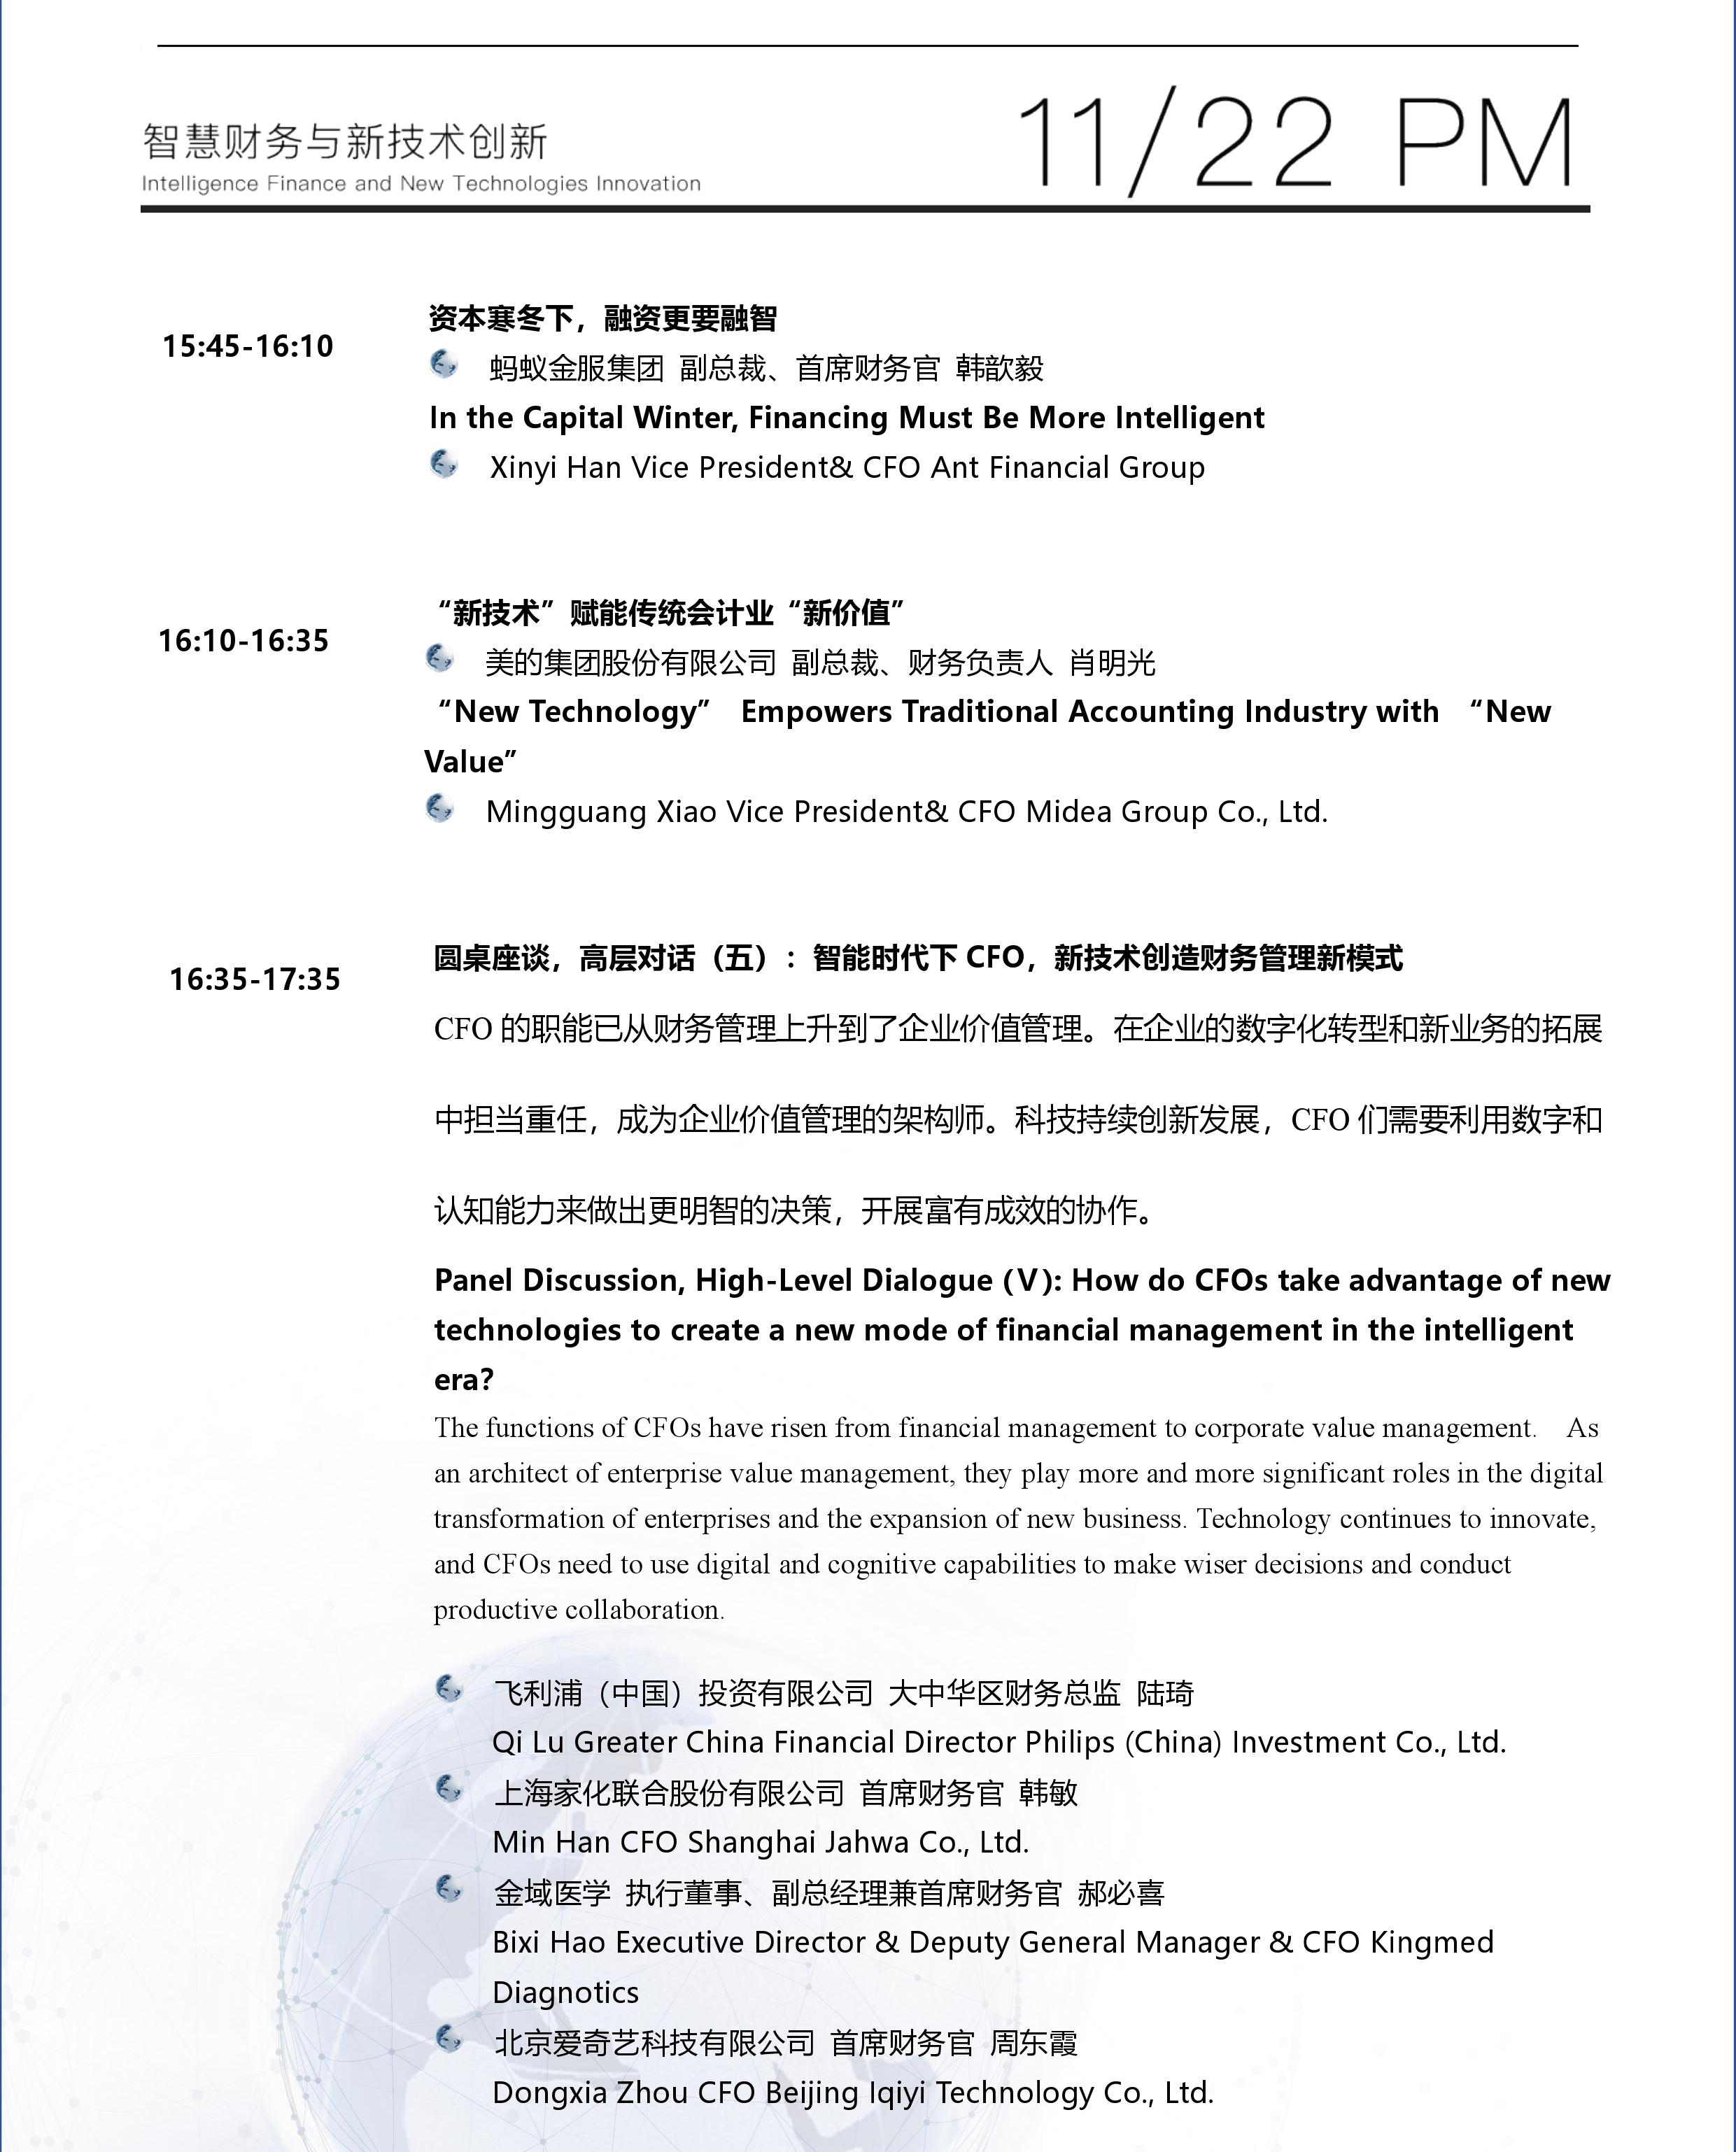 2019千人CFO万象节暨2019财智未来高峰论坛(上海)